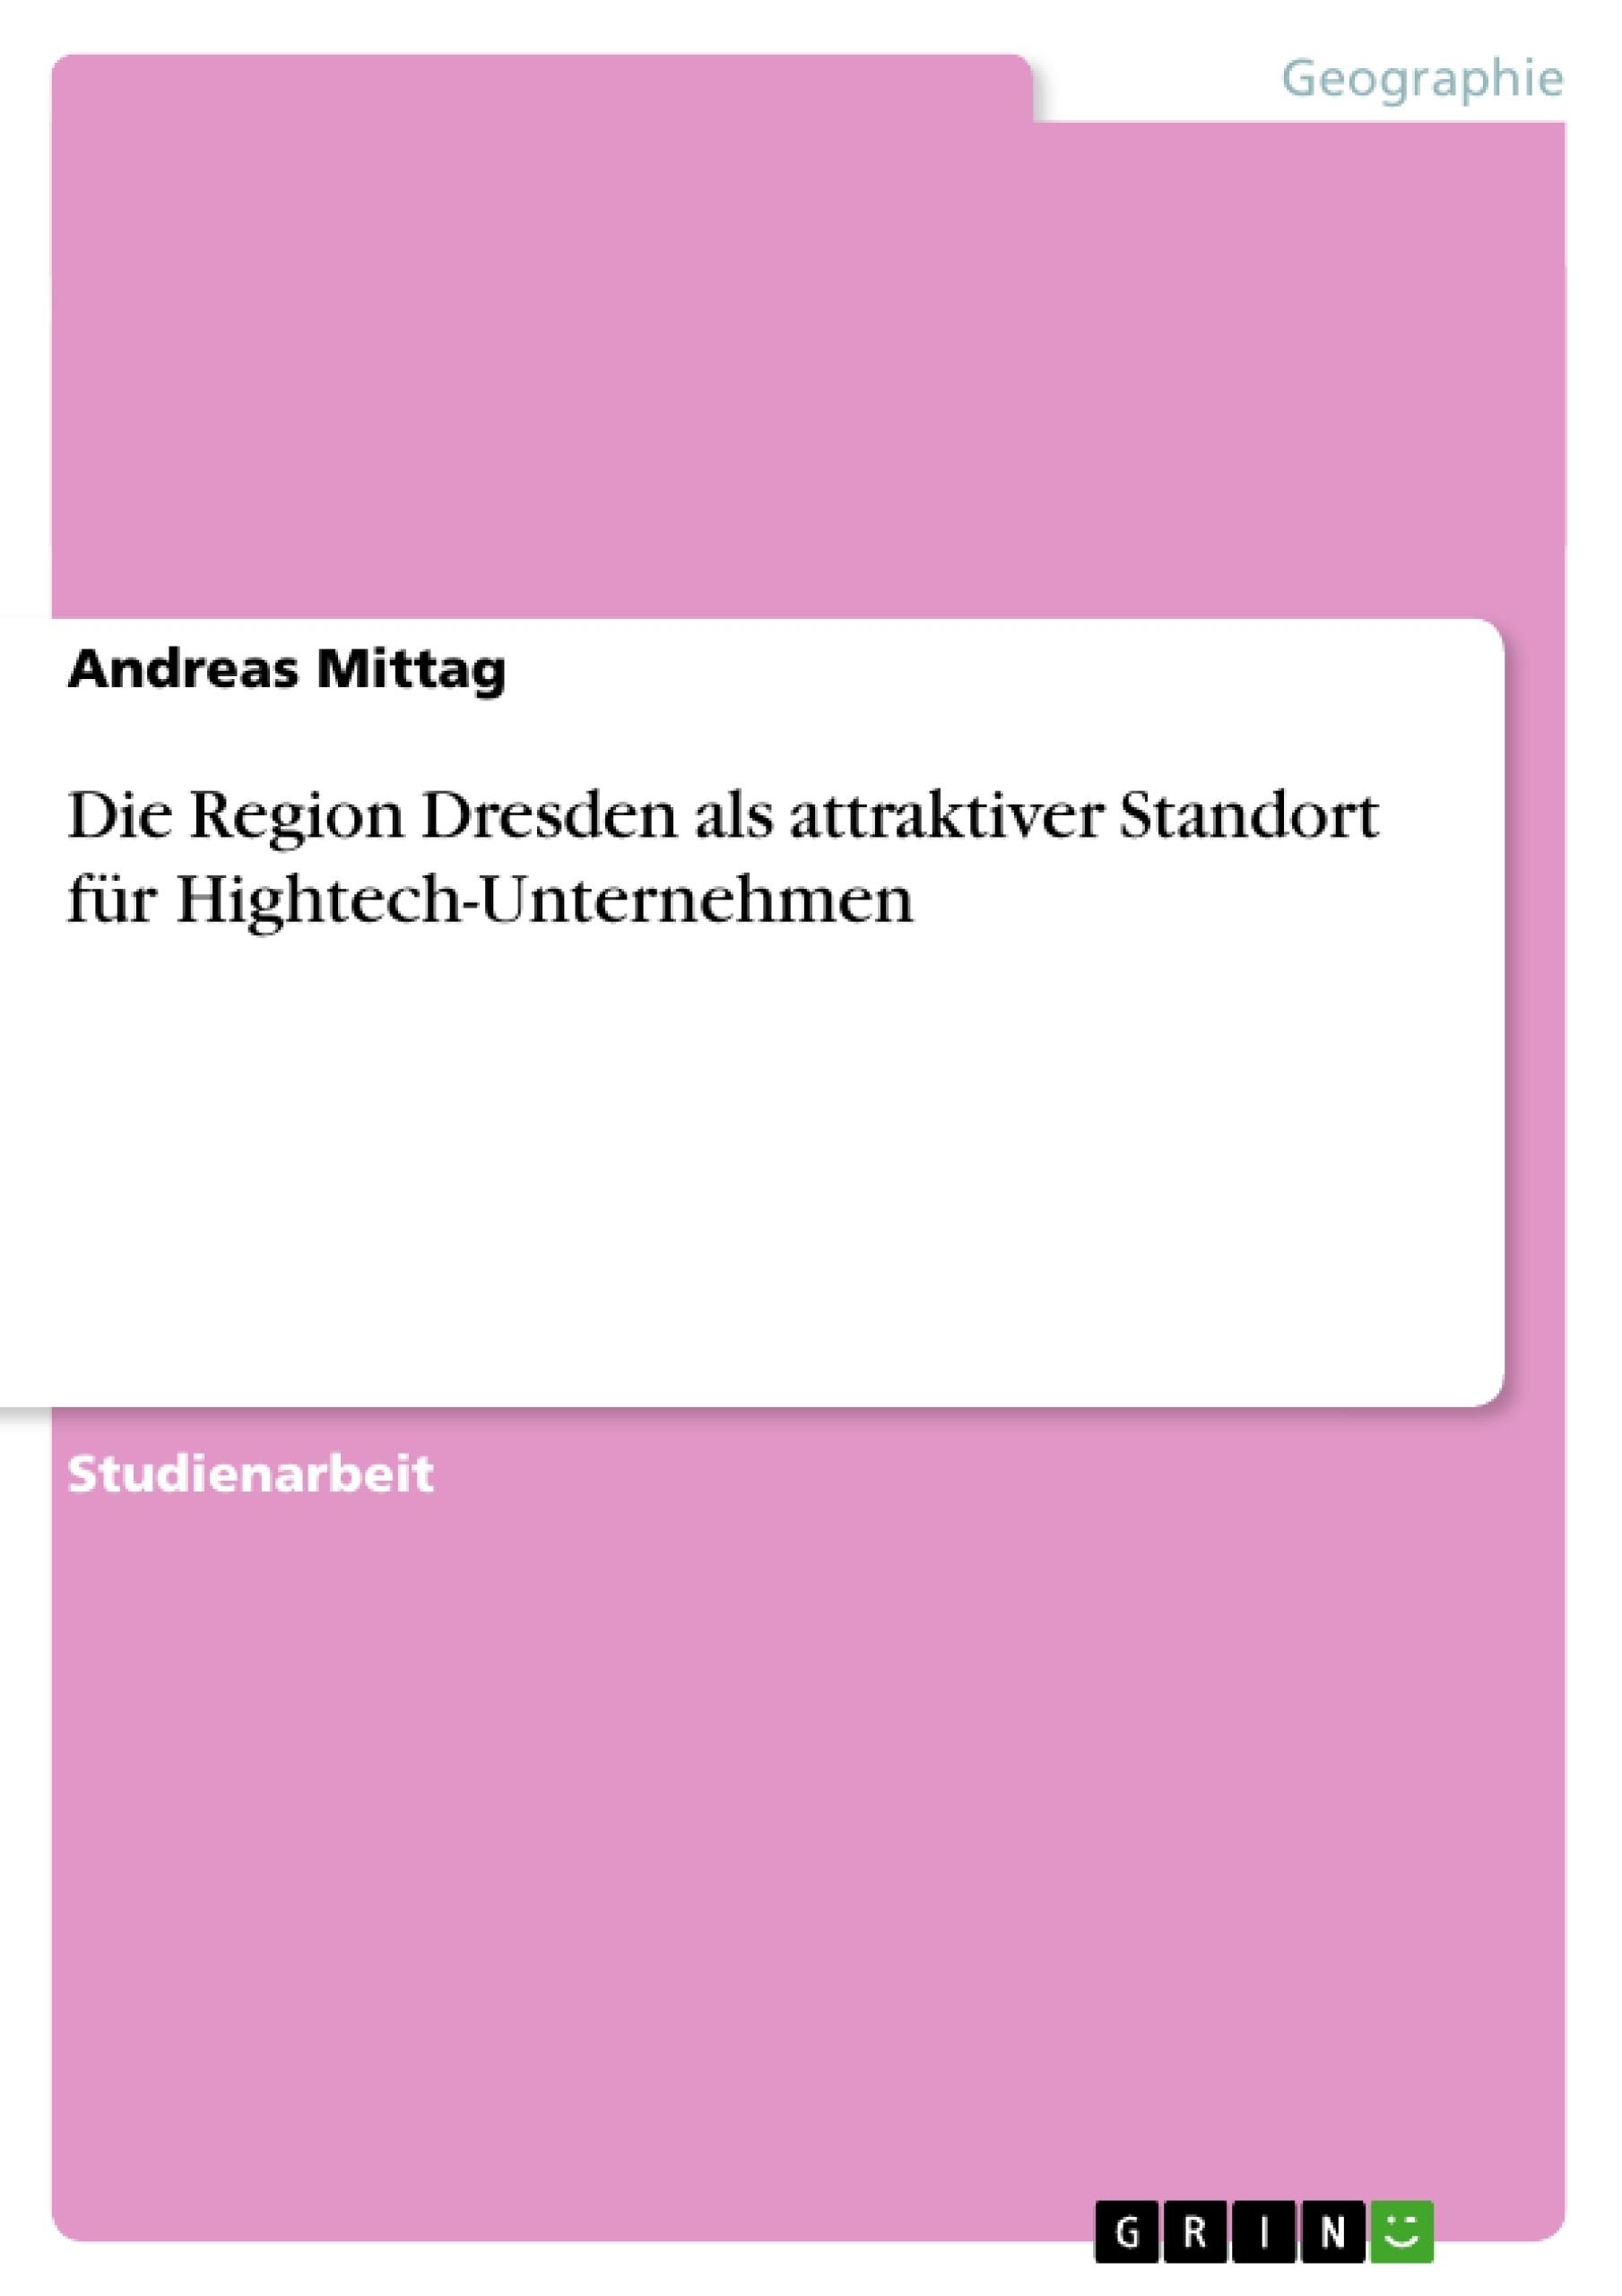 Titel: Die Region Dresden als attraktiver Standort für Hightech-Unternehmen